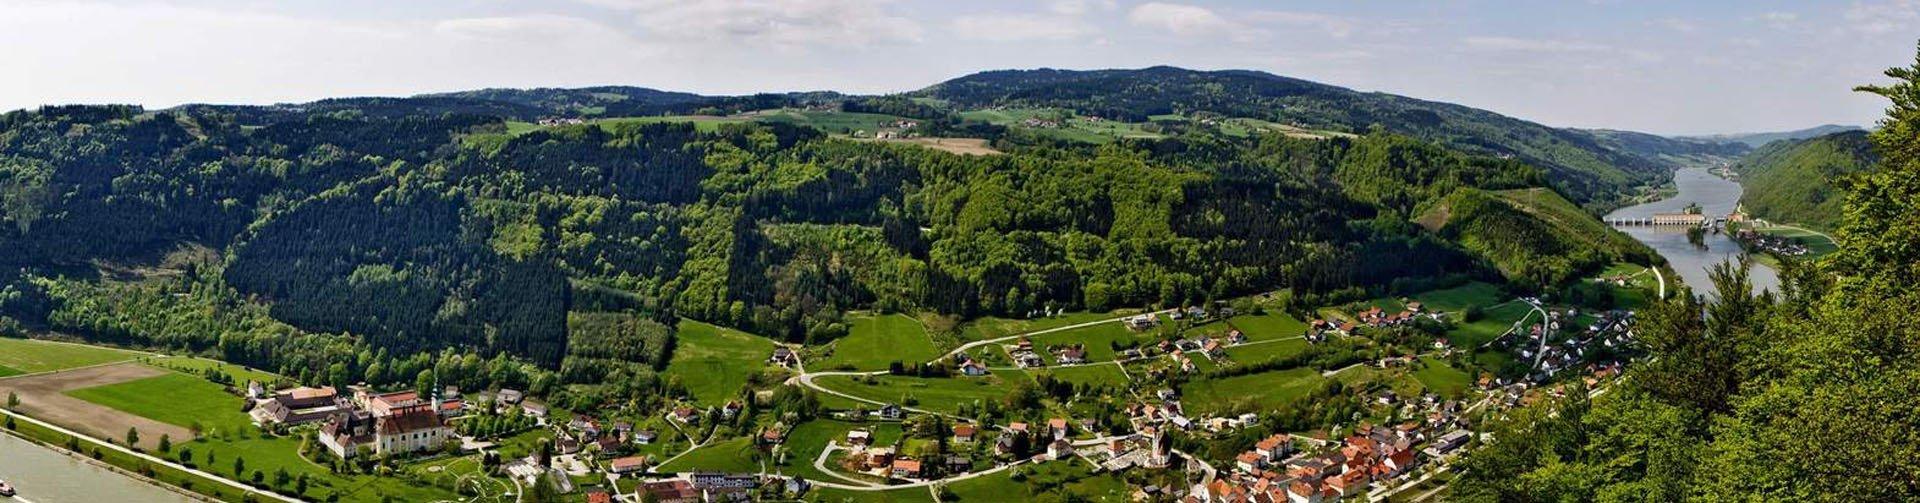 Wandelen en fietsen in Neustift, Oostenrijk